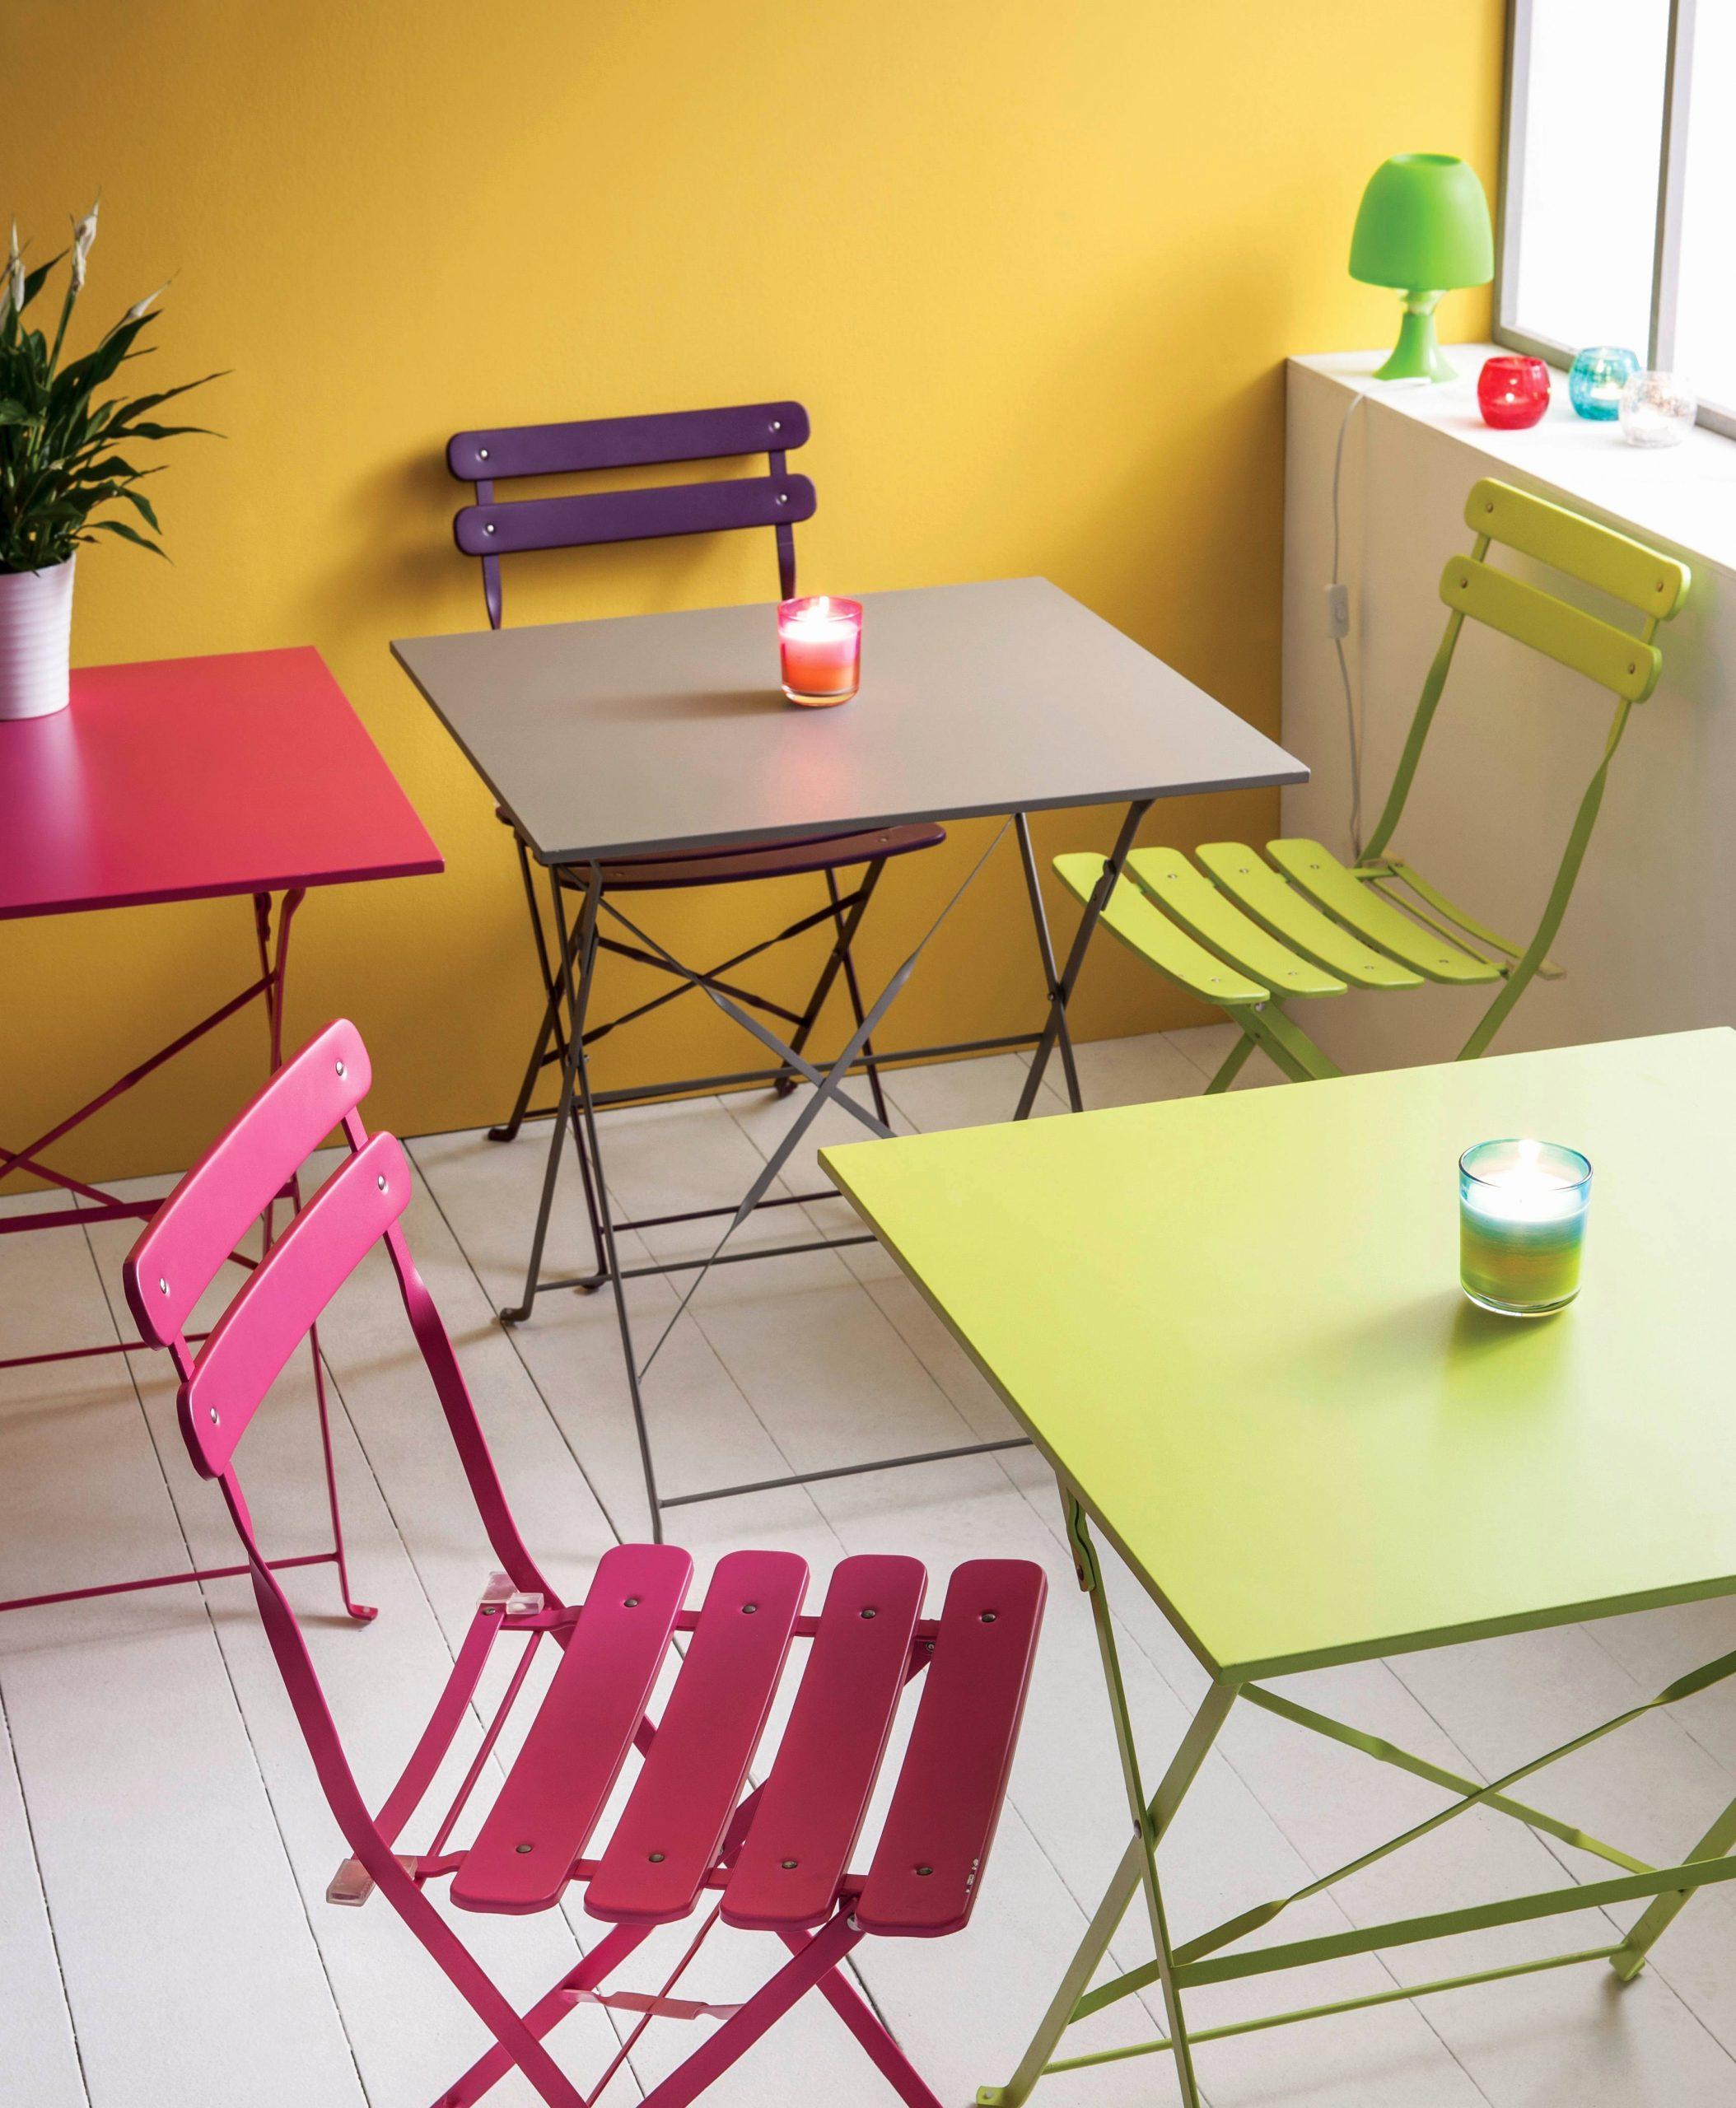 Impressionnant Cuisine Jardin - Mtn-Meadows-Massacre ... intérieur Table De Jardin Design Pas Cher